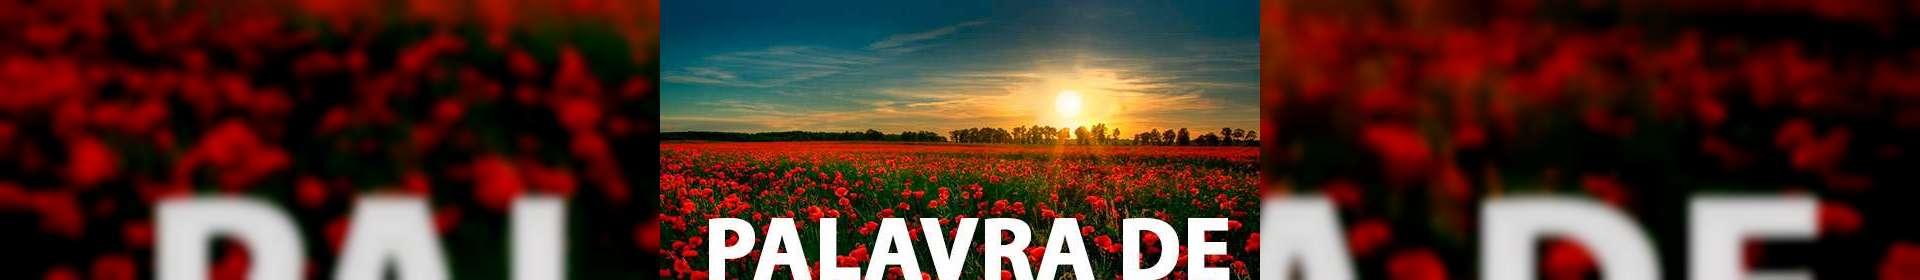 Isaías 41:14 - Uma Palavra de Esperança para sua vida